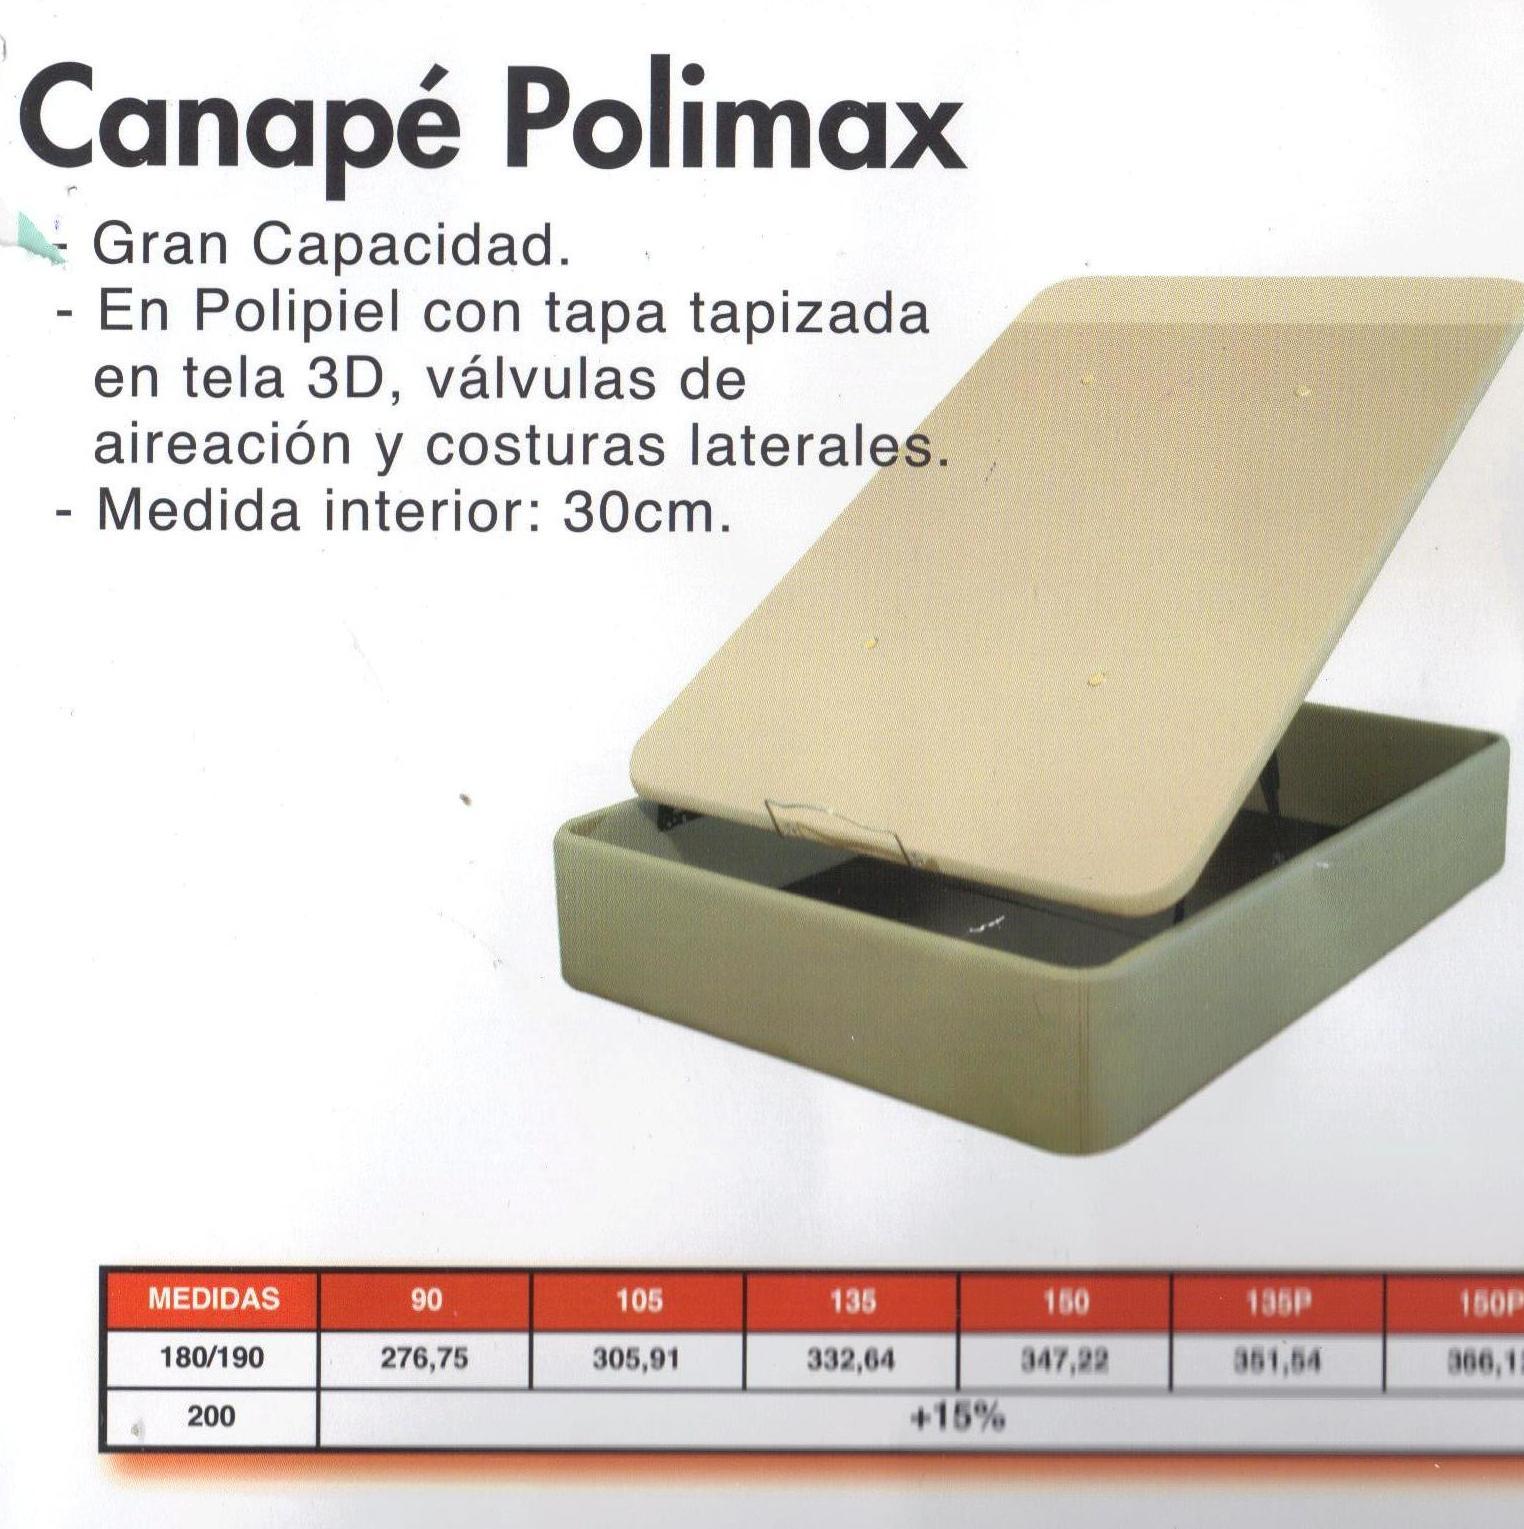 Canapé polimax: Productos y servicios de Ahorra Mobel